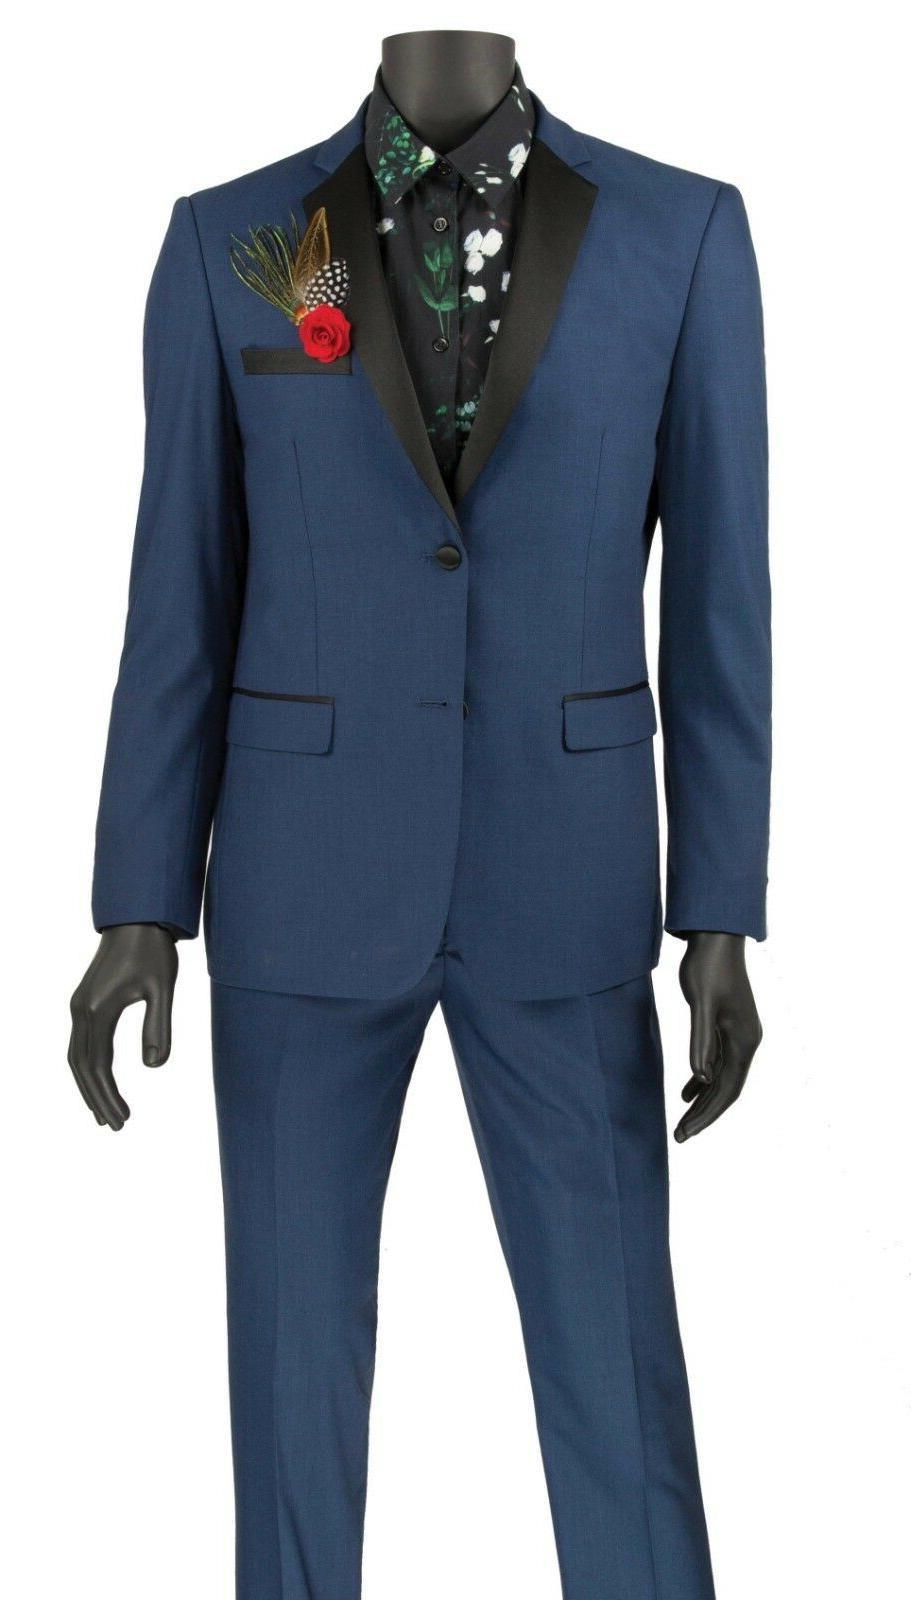 Vinci Men's Blue Button Extreme Tuxedo